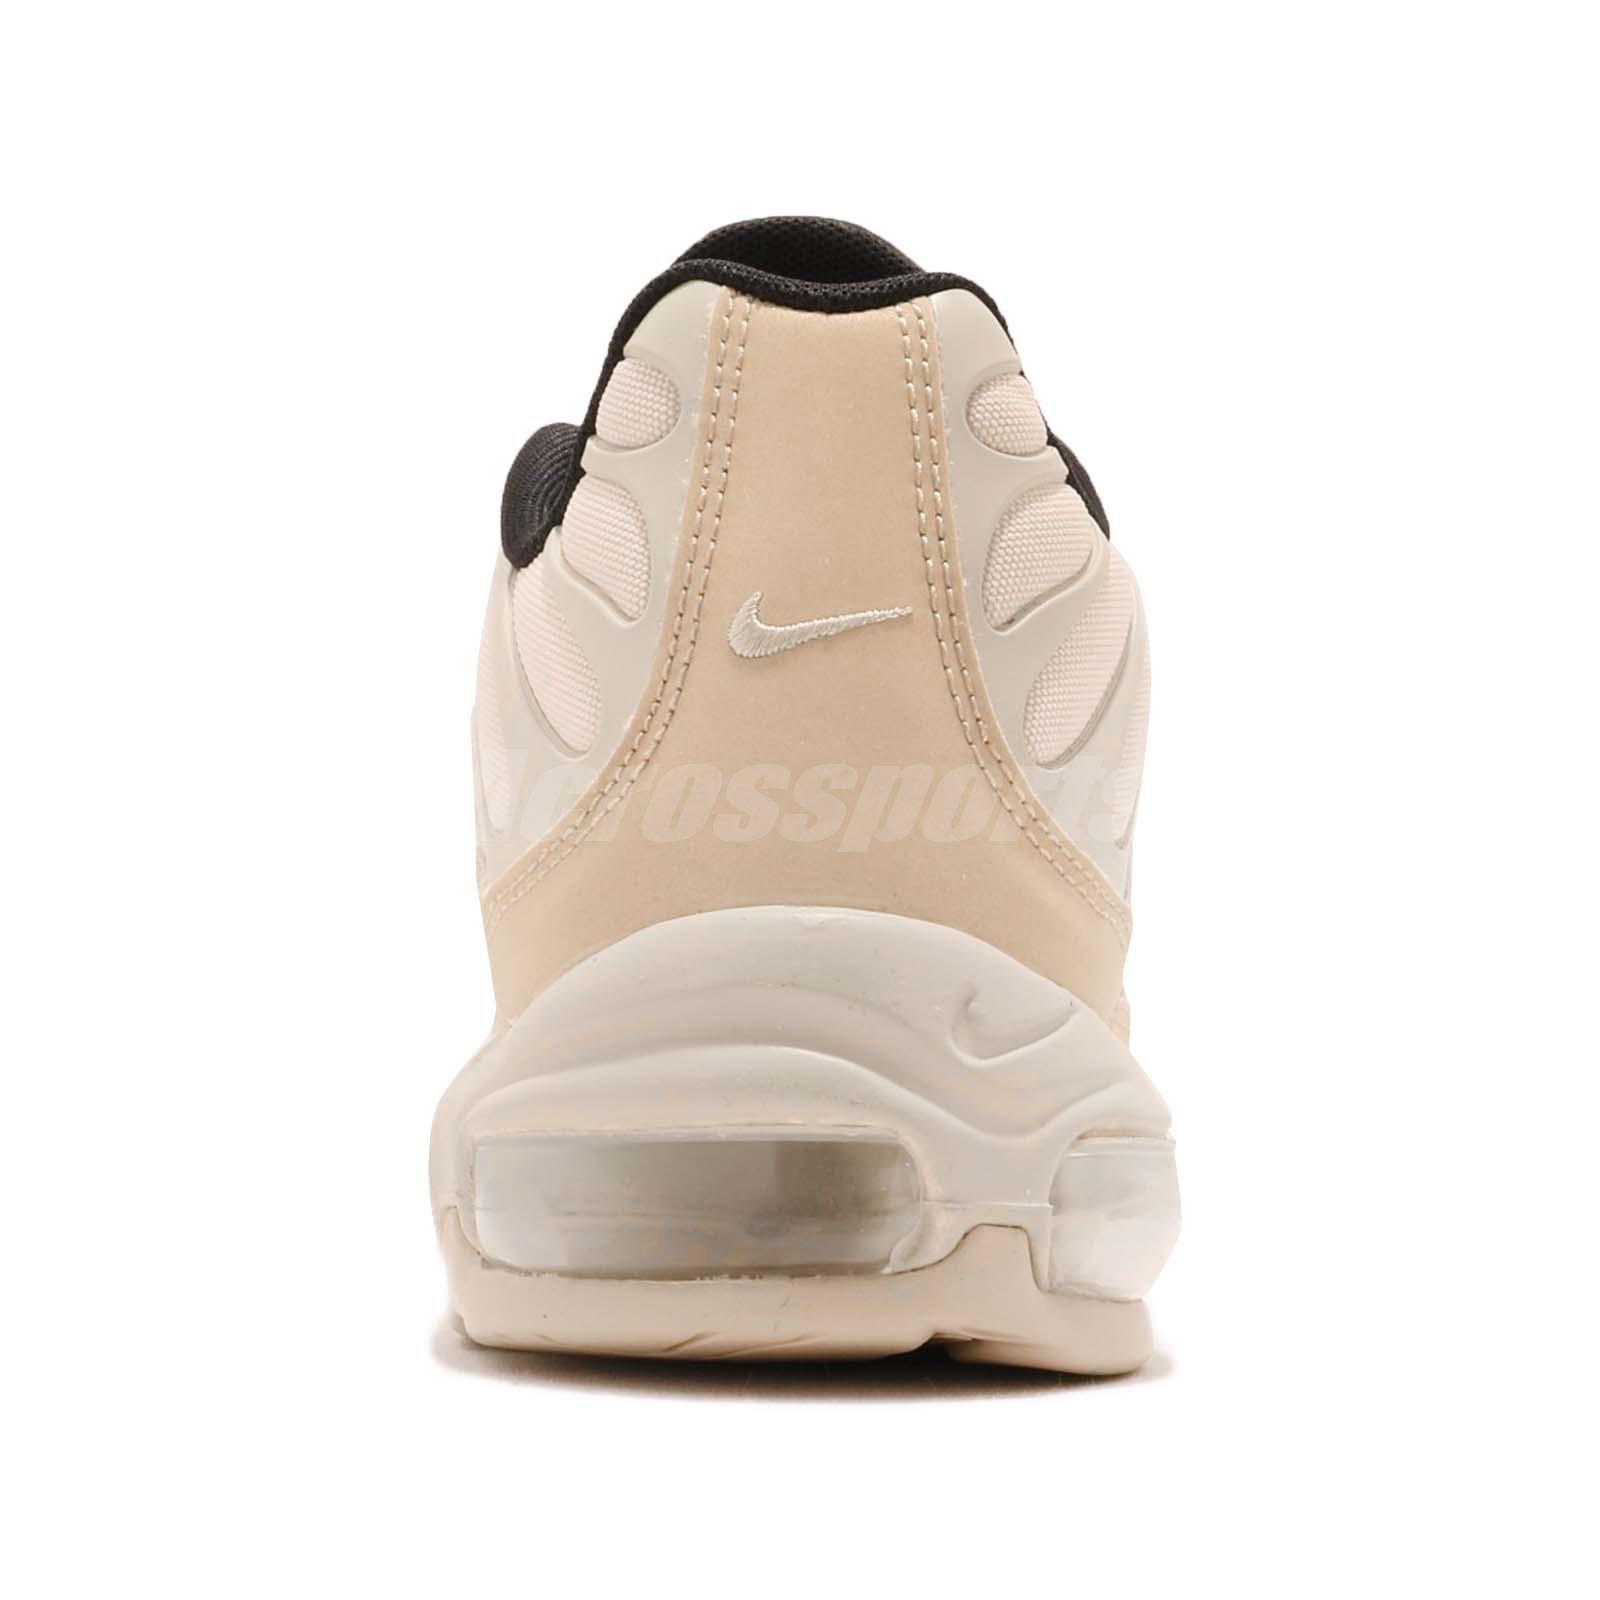 ecc26e5ac52512 Nike Air Max 97 Plus Orewood Brown Reflective Mnes Running Shoes ...